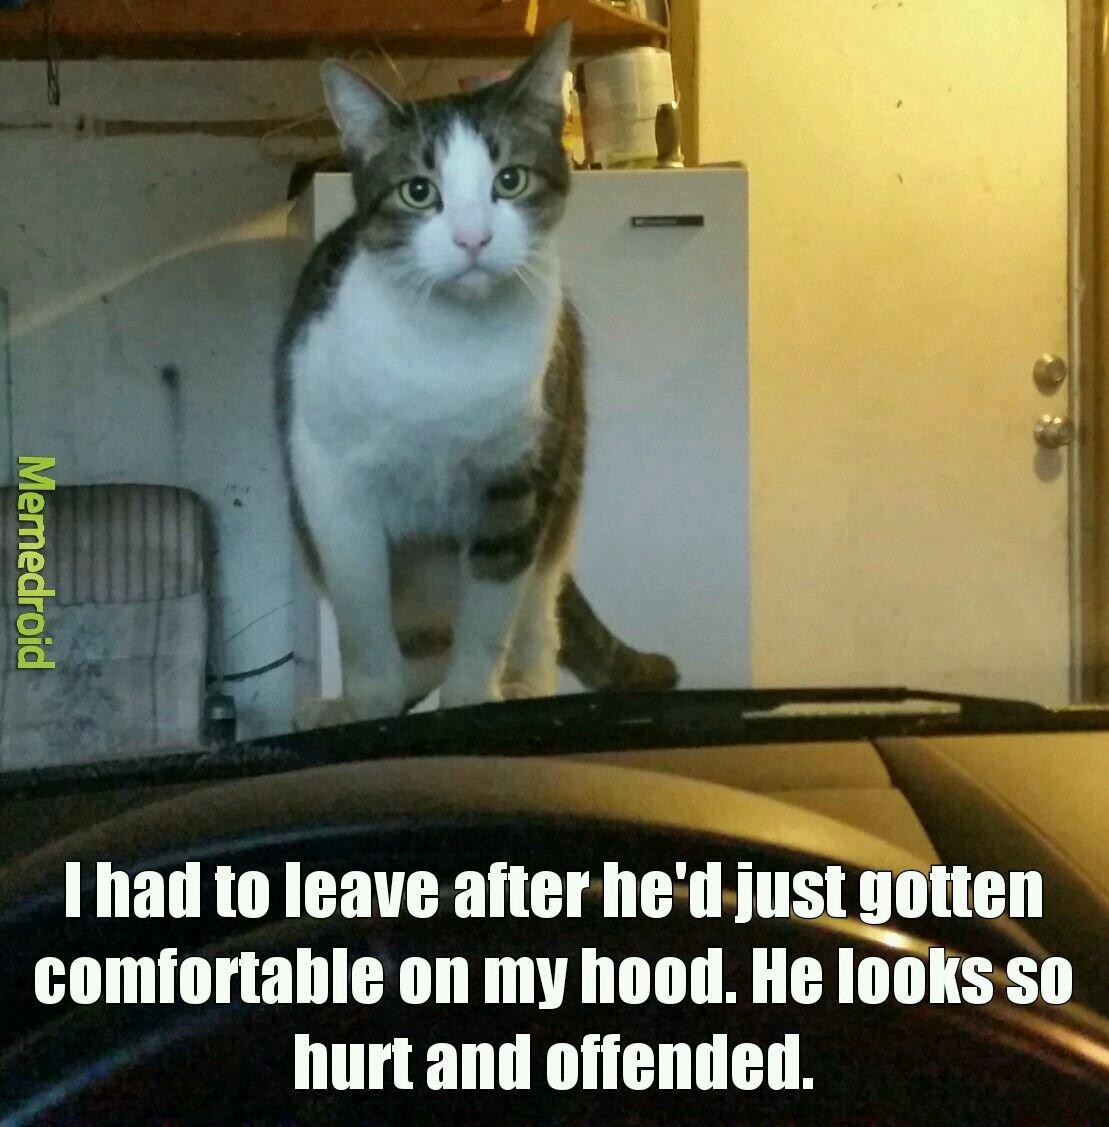 Poor kitty - meme